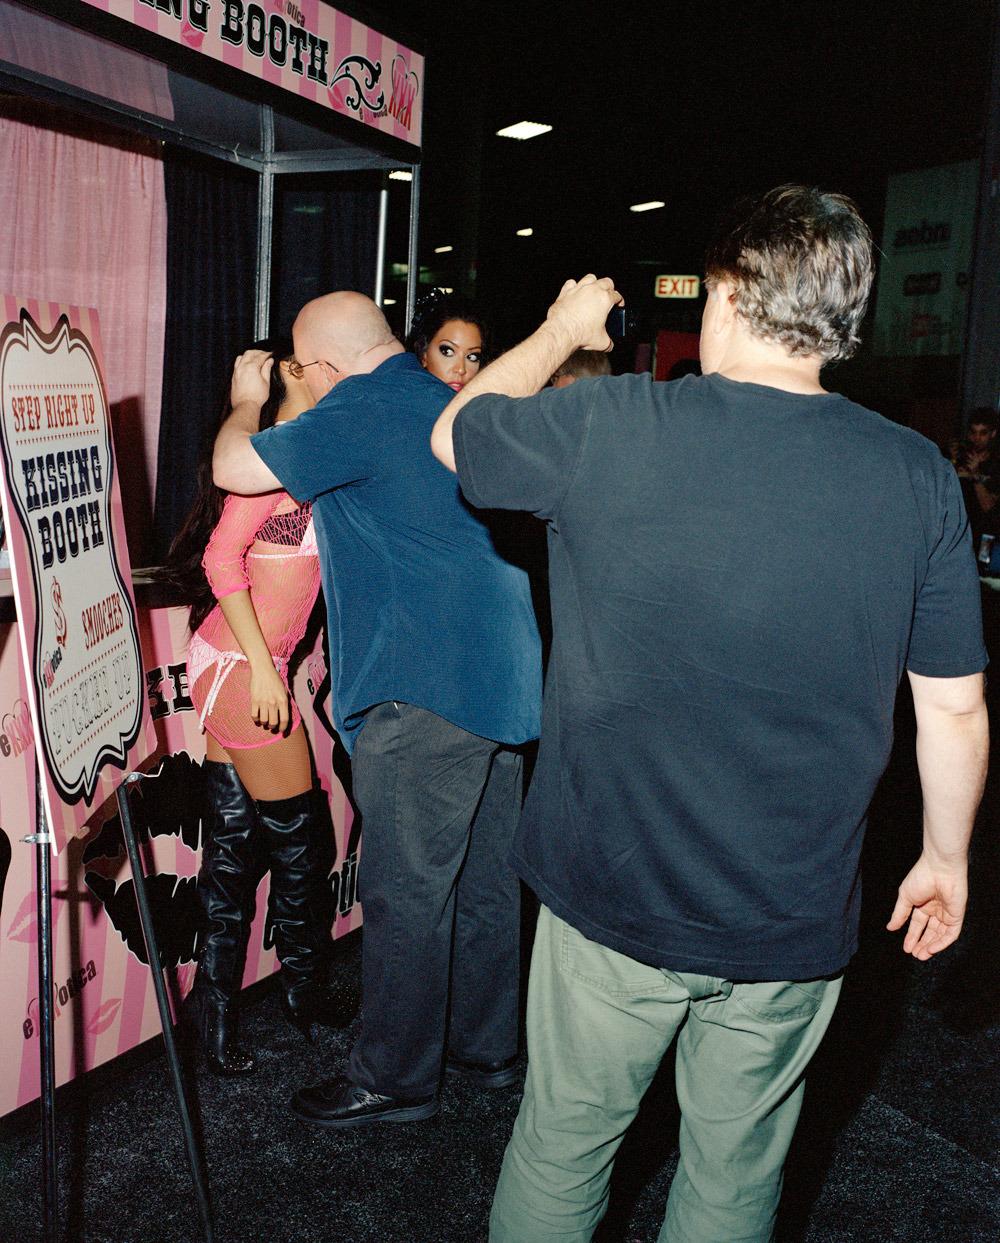 Εικόνες ασχήμιας και παρακμής από το μεγαλύτερο σεξο-φεστιβάλ των ΗΠΑ